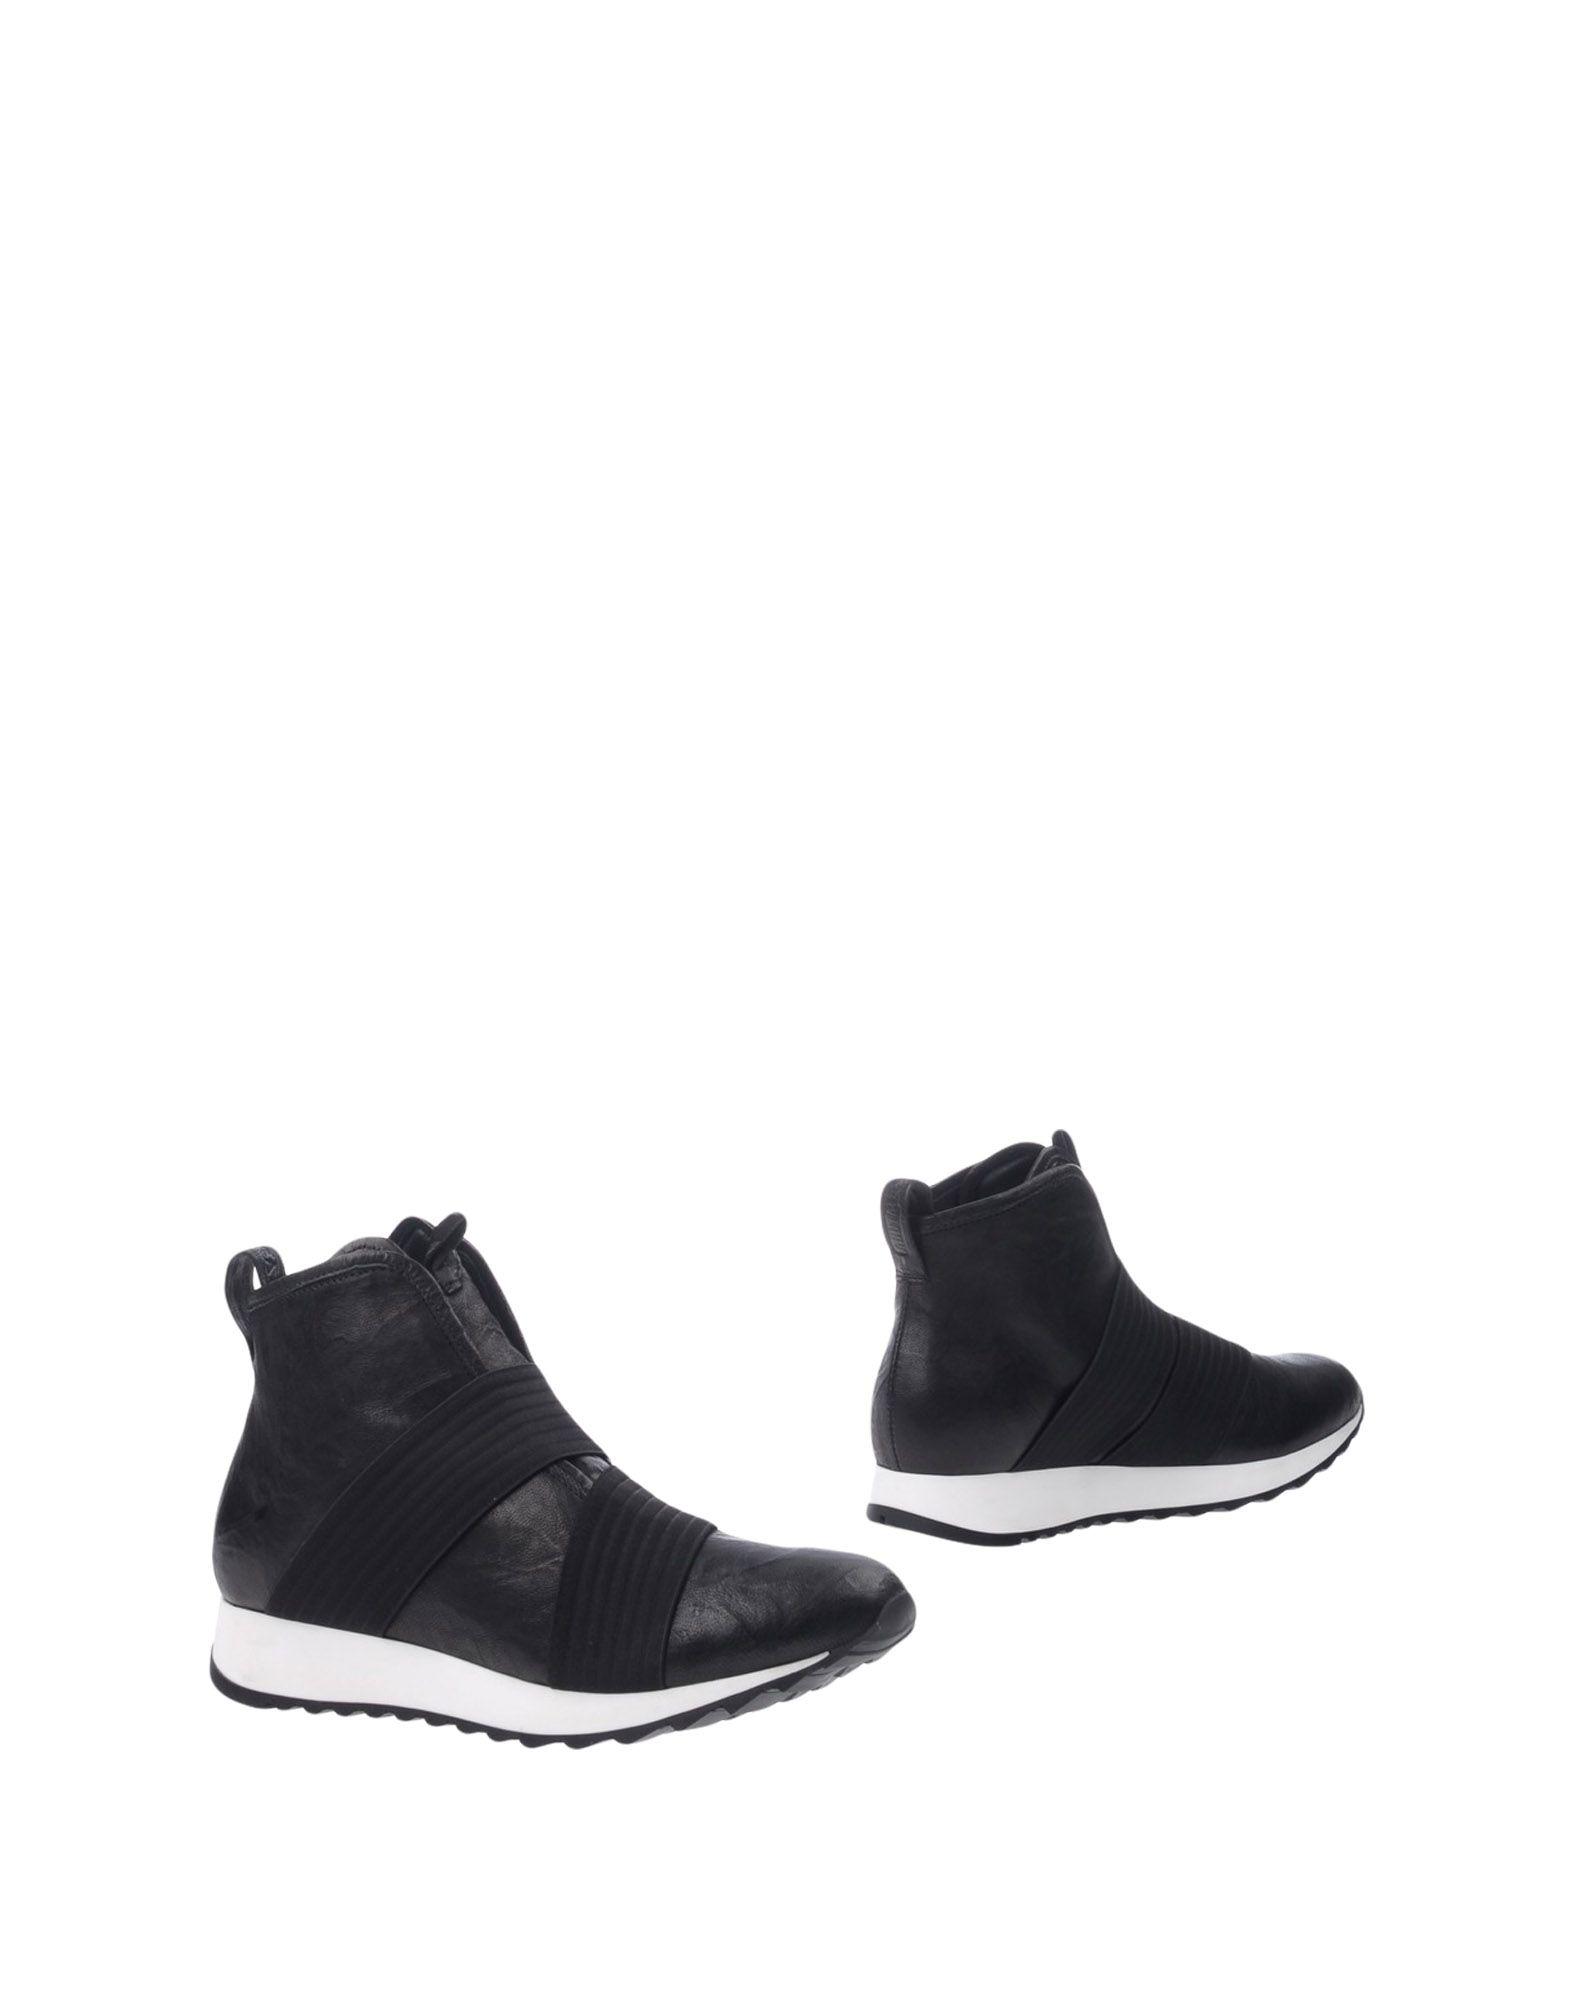 Gut Fora um billige Schuhe zu tragenAndìa Fora Gut Stiefelette Damen  11291339WM 7f8d01